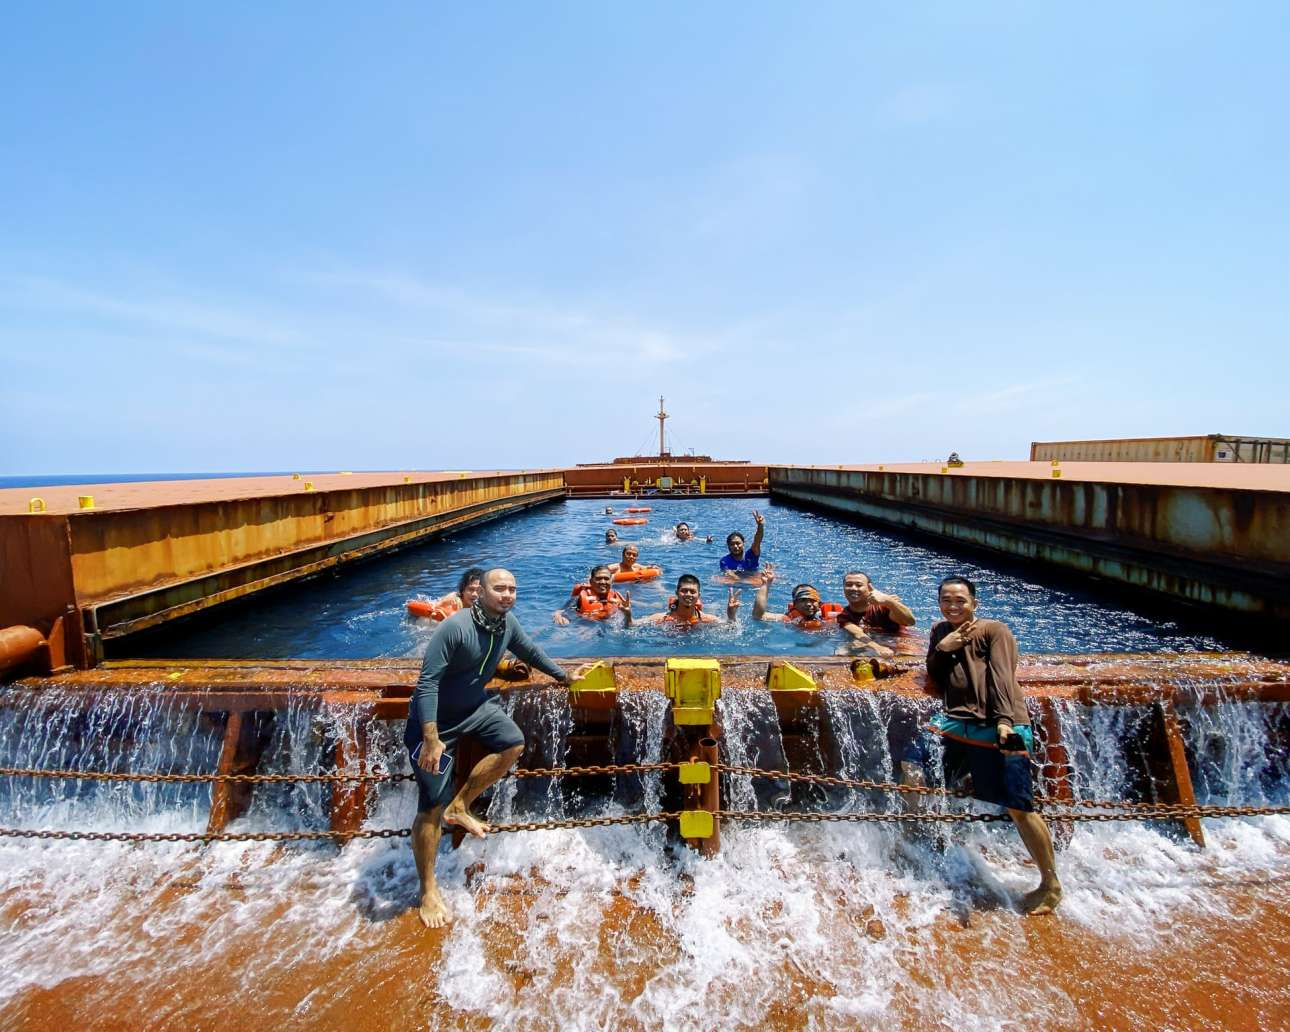 Αδεια δεξαμενή που έγινε πισίνα! Ανδρες του πληρώματος κολυμπούν μέσα στο καράβι και ξεδίνουν, αφού ο κορονοϊός έχει επιφέρει lockdown και στα λιμάνια δεν επιτρέπεται να βγουν